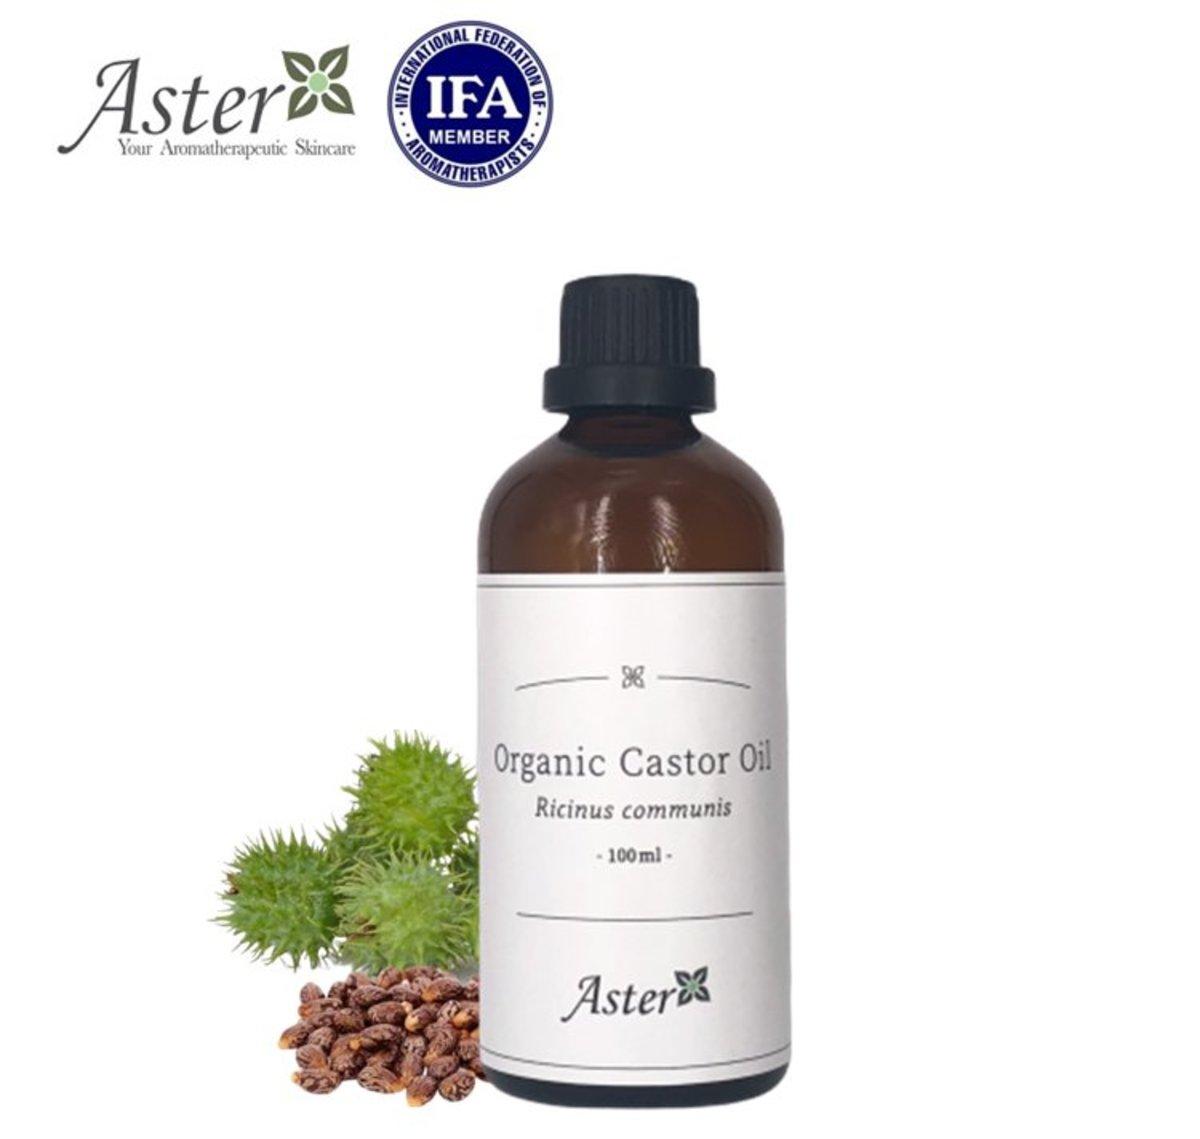 Aster Aroma Organic Castor Oil Ricinus Communis 100ml Hktvmall Online Shopping